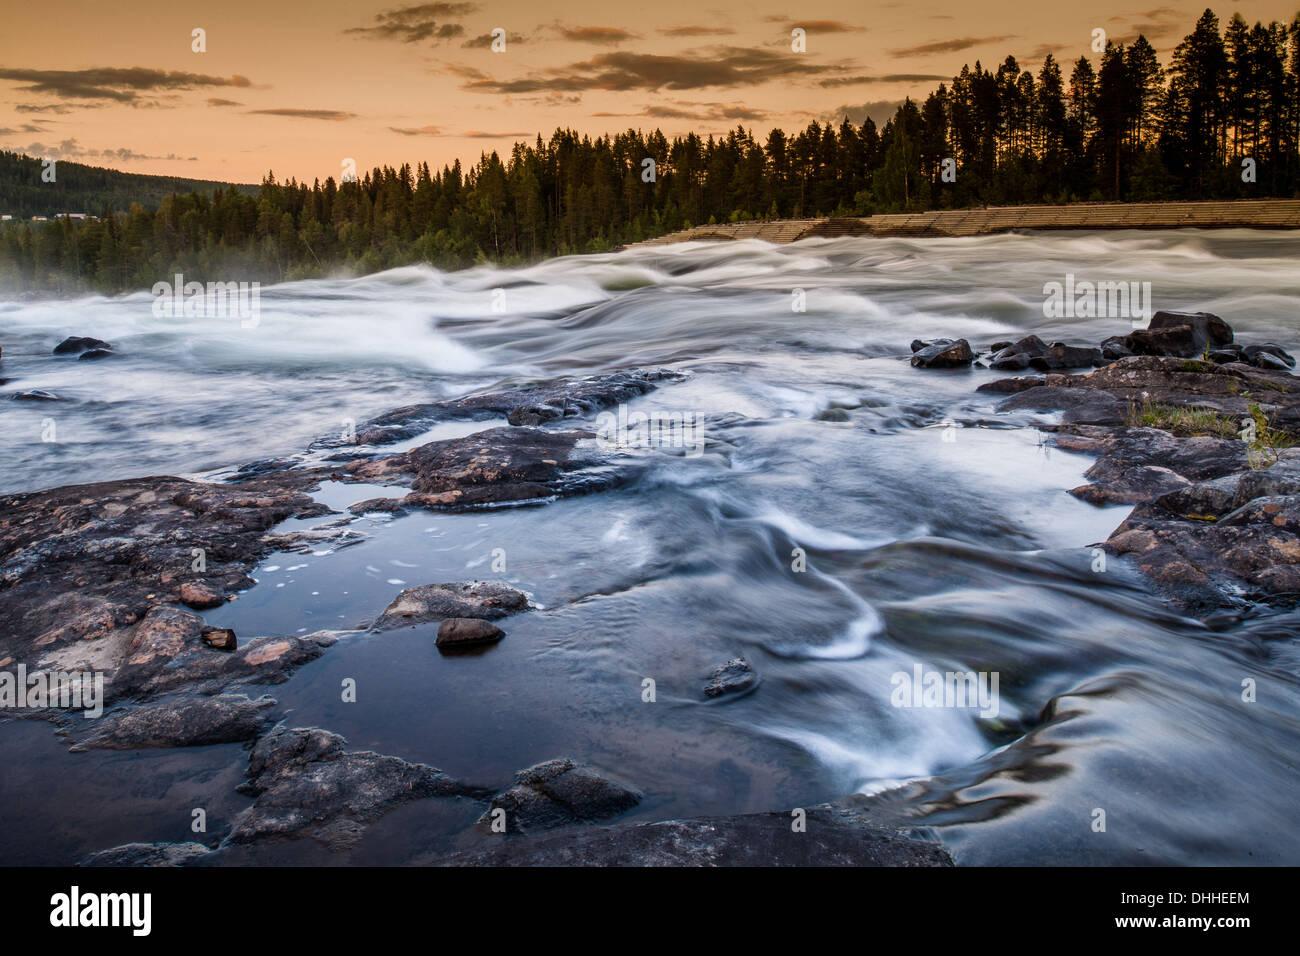 River flowing over rocks, Storforsen, Lapland, Sweden - Stock Image